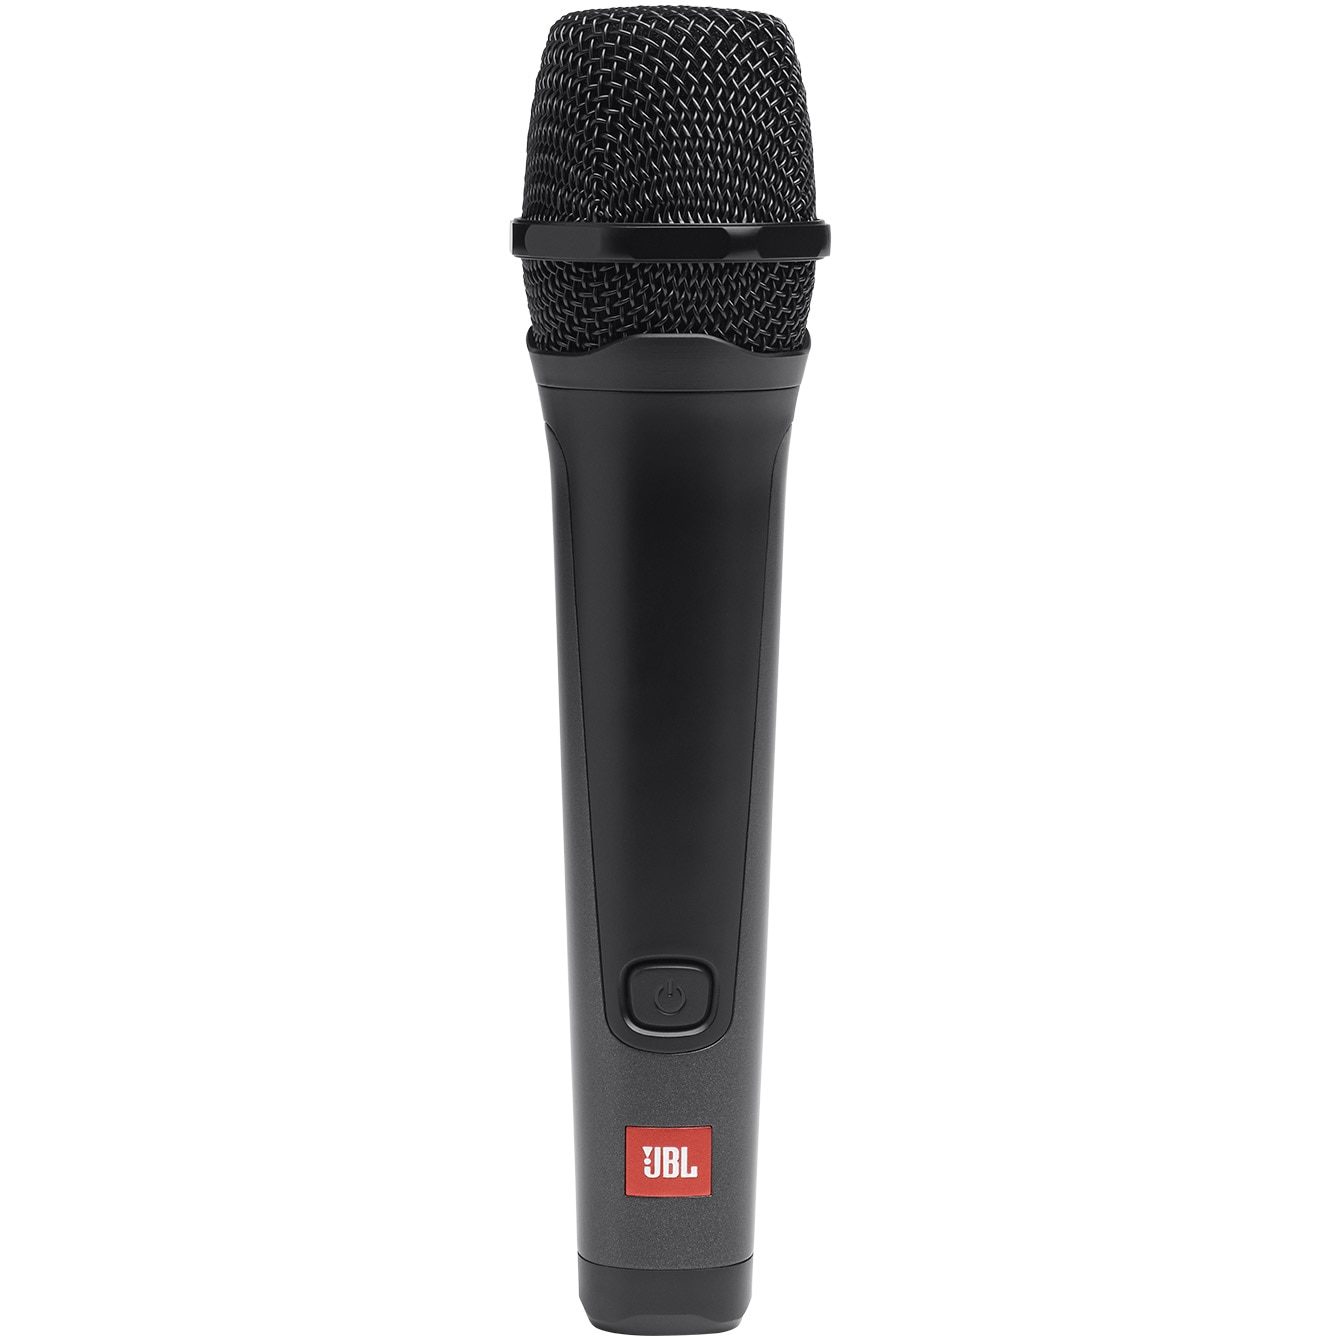 Fotografie Microfon cu fir JBL PBM100, 4.5 m, Negru